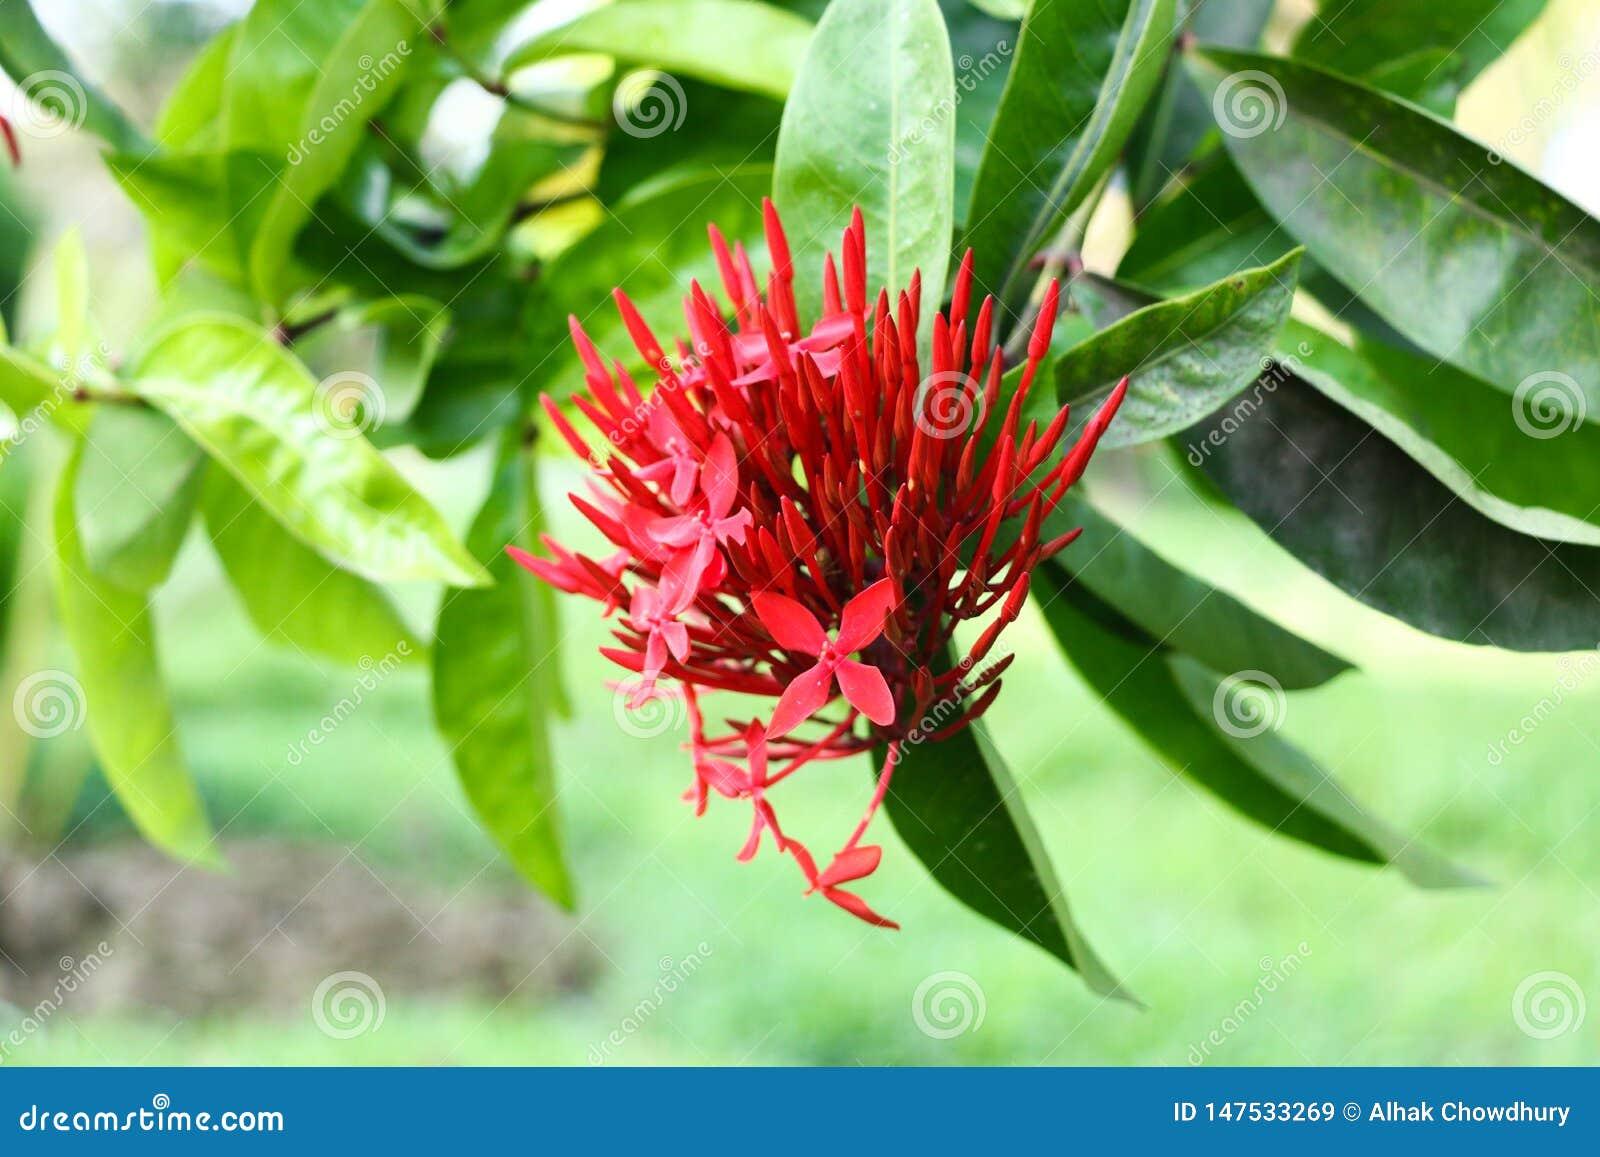 Folha mais azul do verde do fundo da flor vermelha